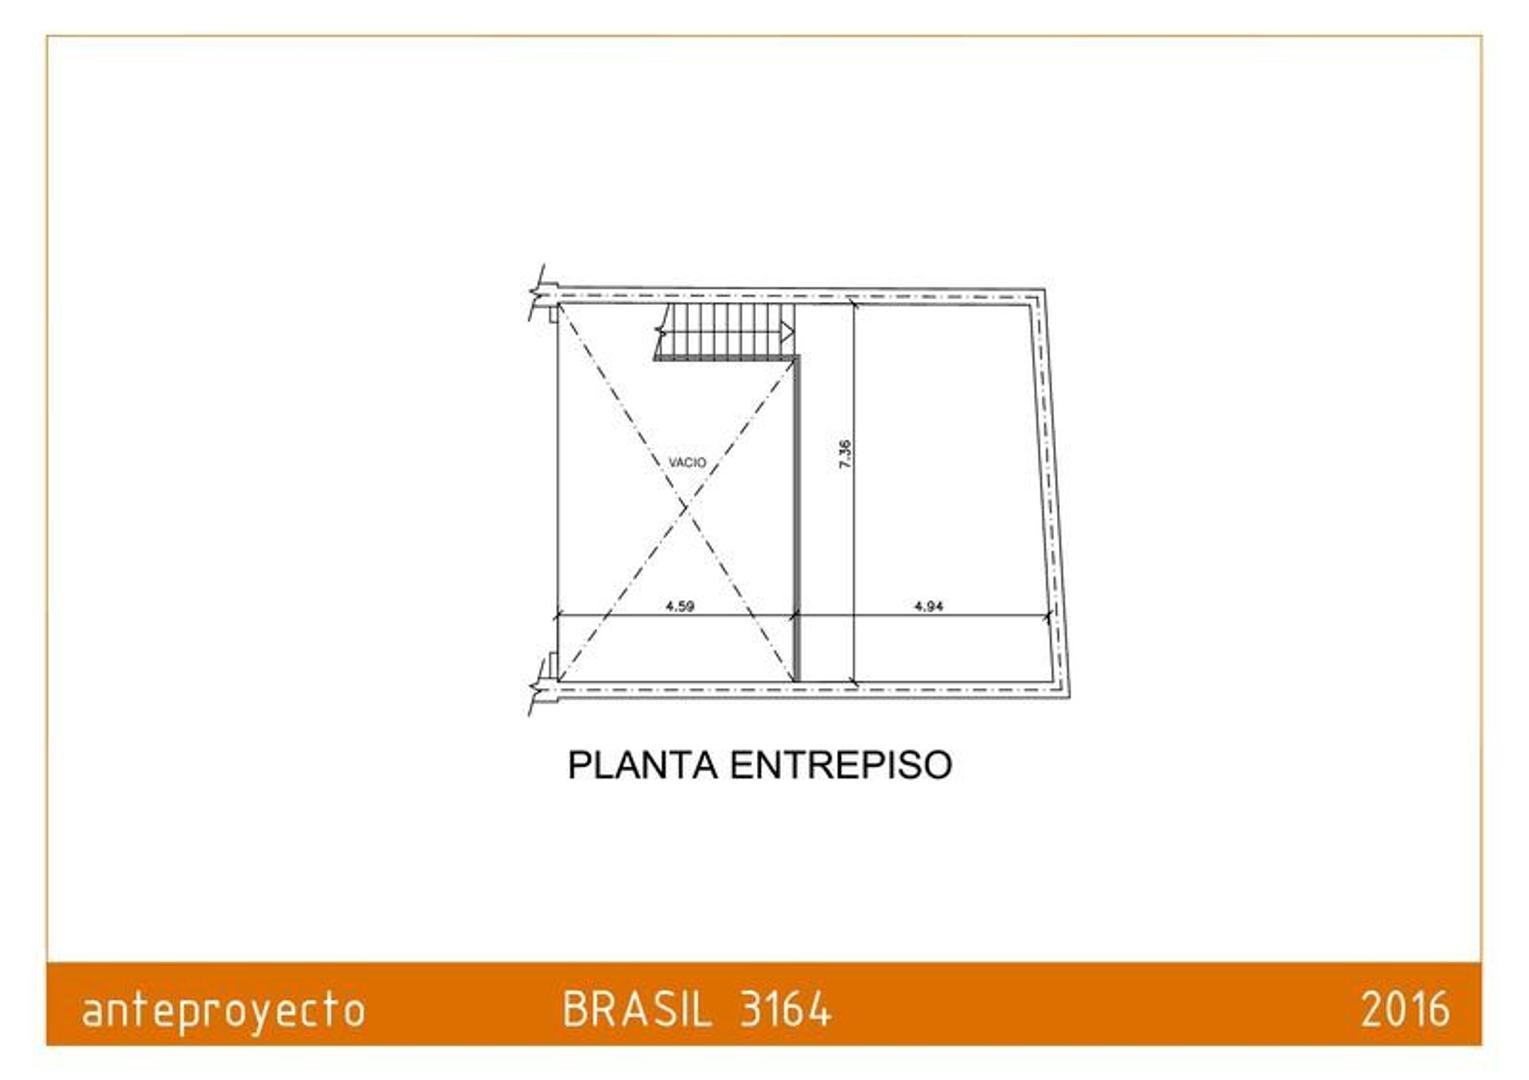 Oficina en alquiler - Parque Patricios, Distrito Tecnológico - Foto 19